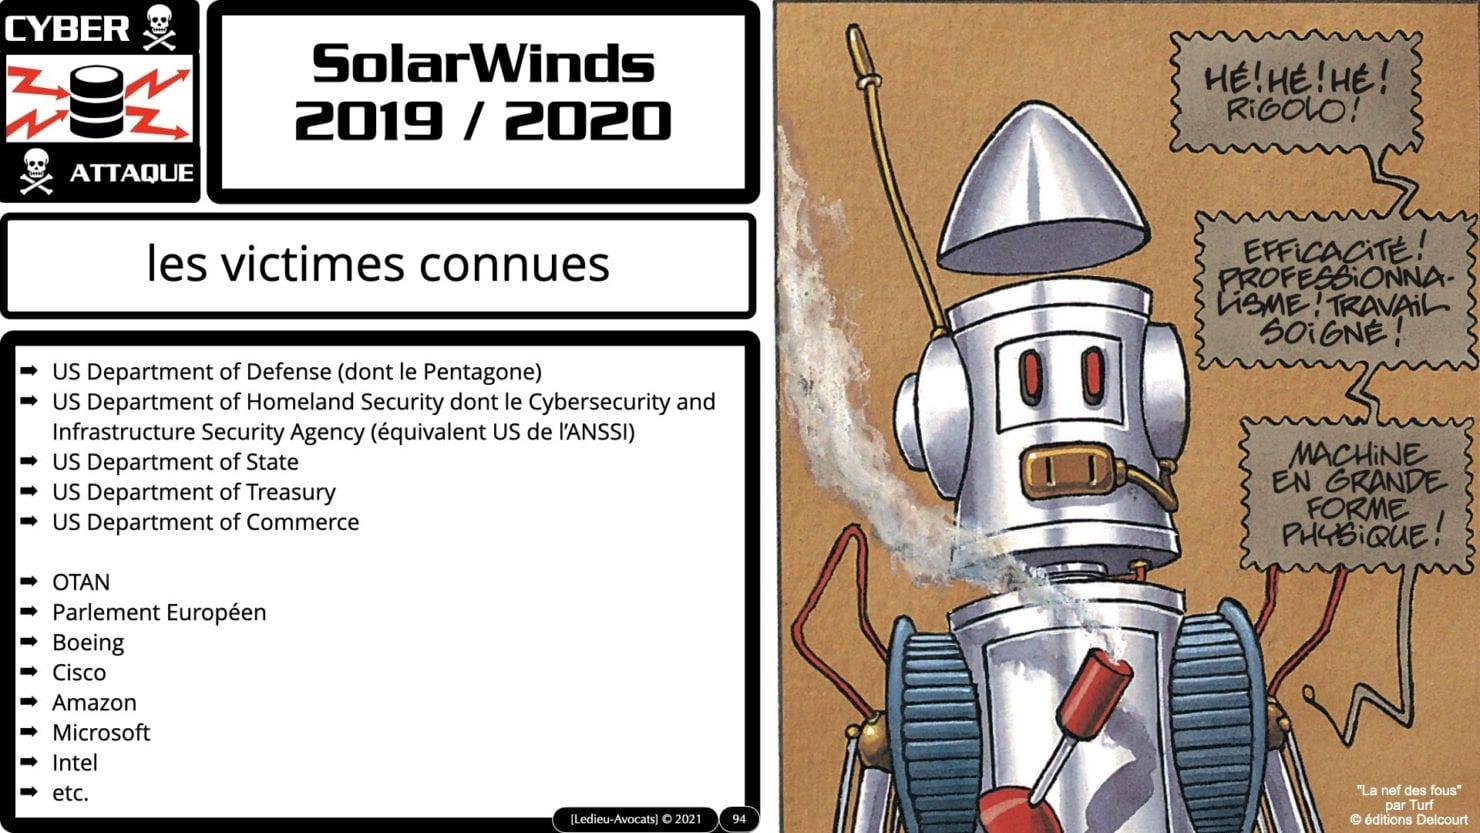 342 cyber sécurité #2 OIV OSE analyse risque EBIOS RM © Ledieu-avocat 15-07-2021.094